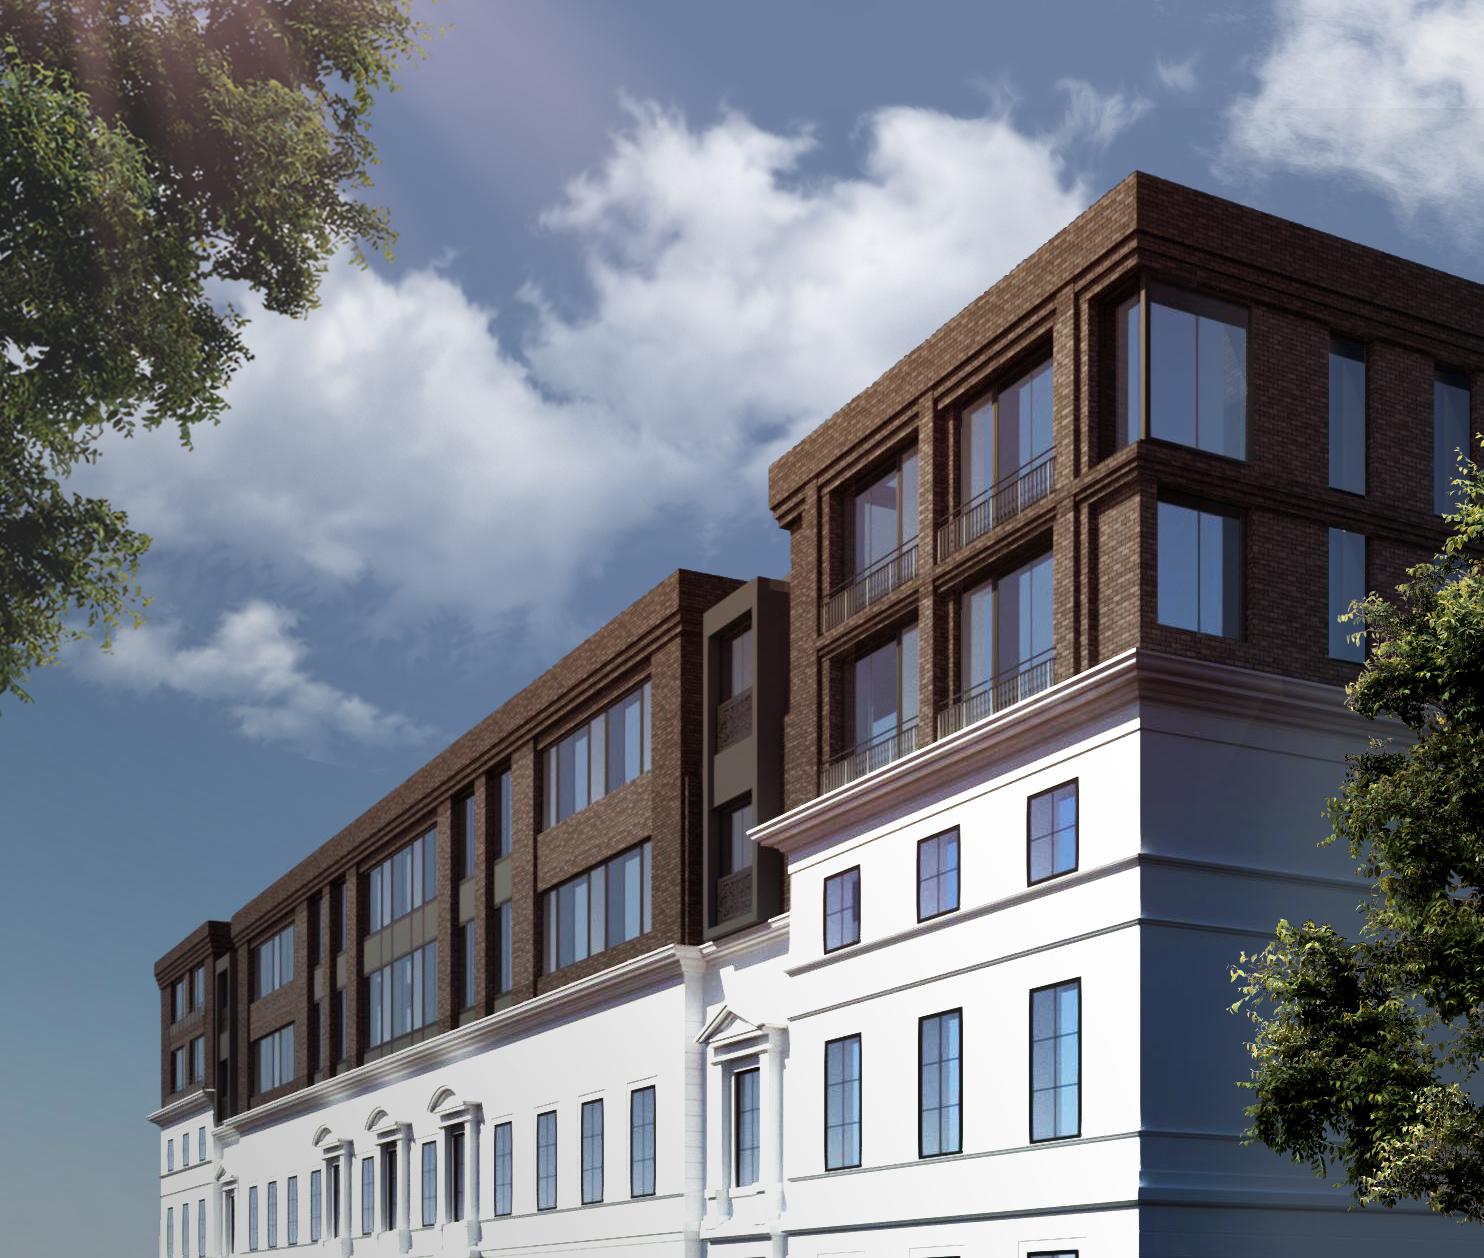 Концепция достройки фасада исторического здания фото f_2425c0967572f2be.jpg